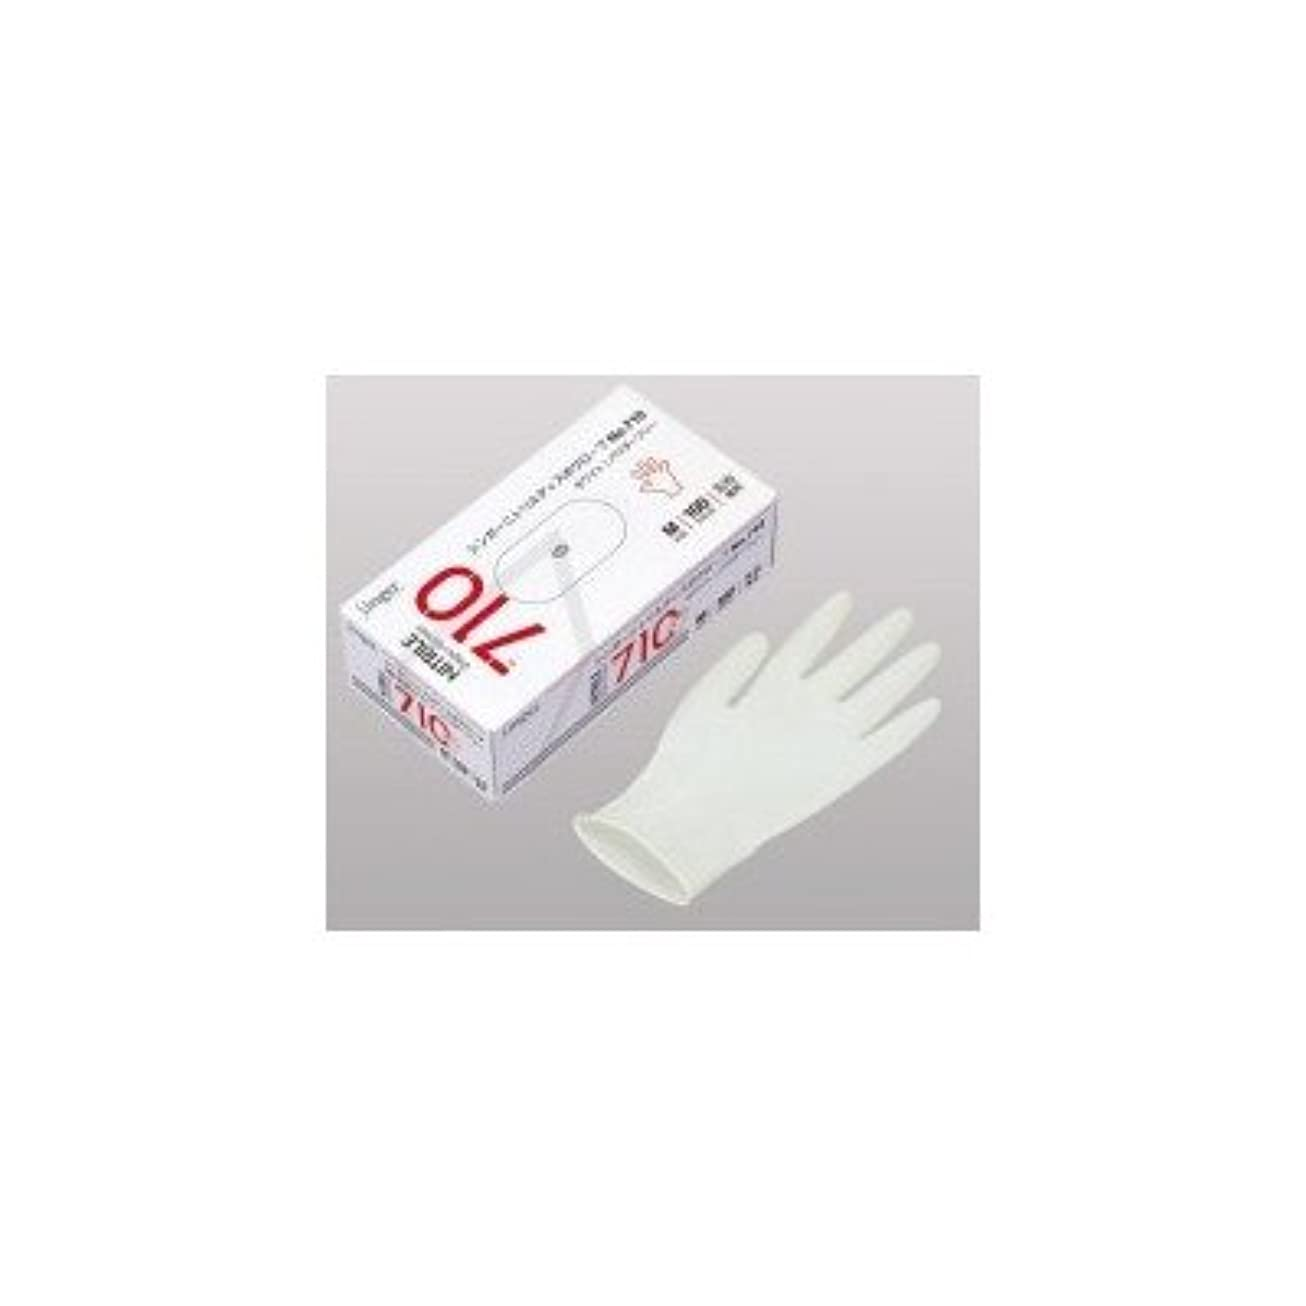 クラッシュこの変装したシンガー ニトリルディスポグローブ(手袋) No.710 ホワイト パウダーフリー(100枚) L( 画像はイメージ画像です お届けの商品はLのみとなります)